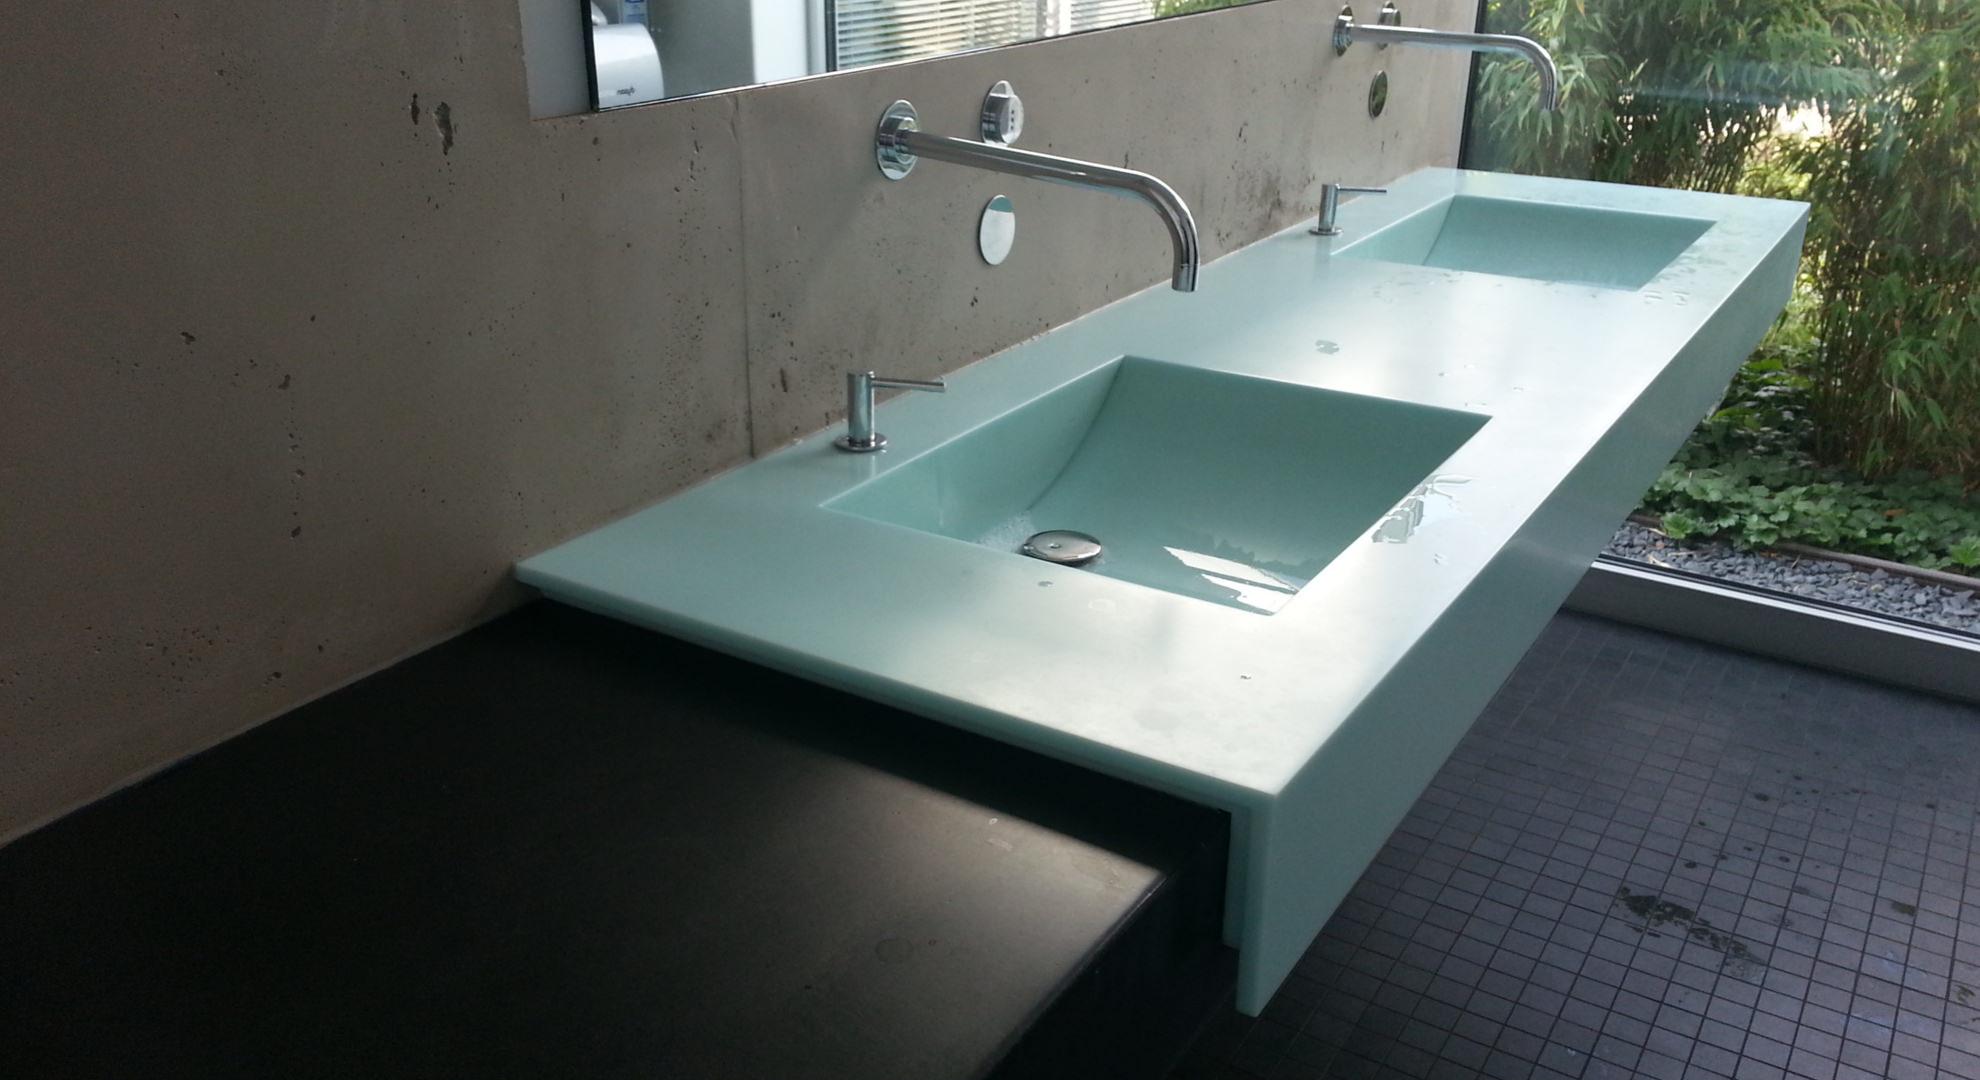 Modernes farbigem Corian Doppelbecken auf Estrichplatte